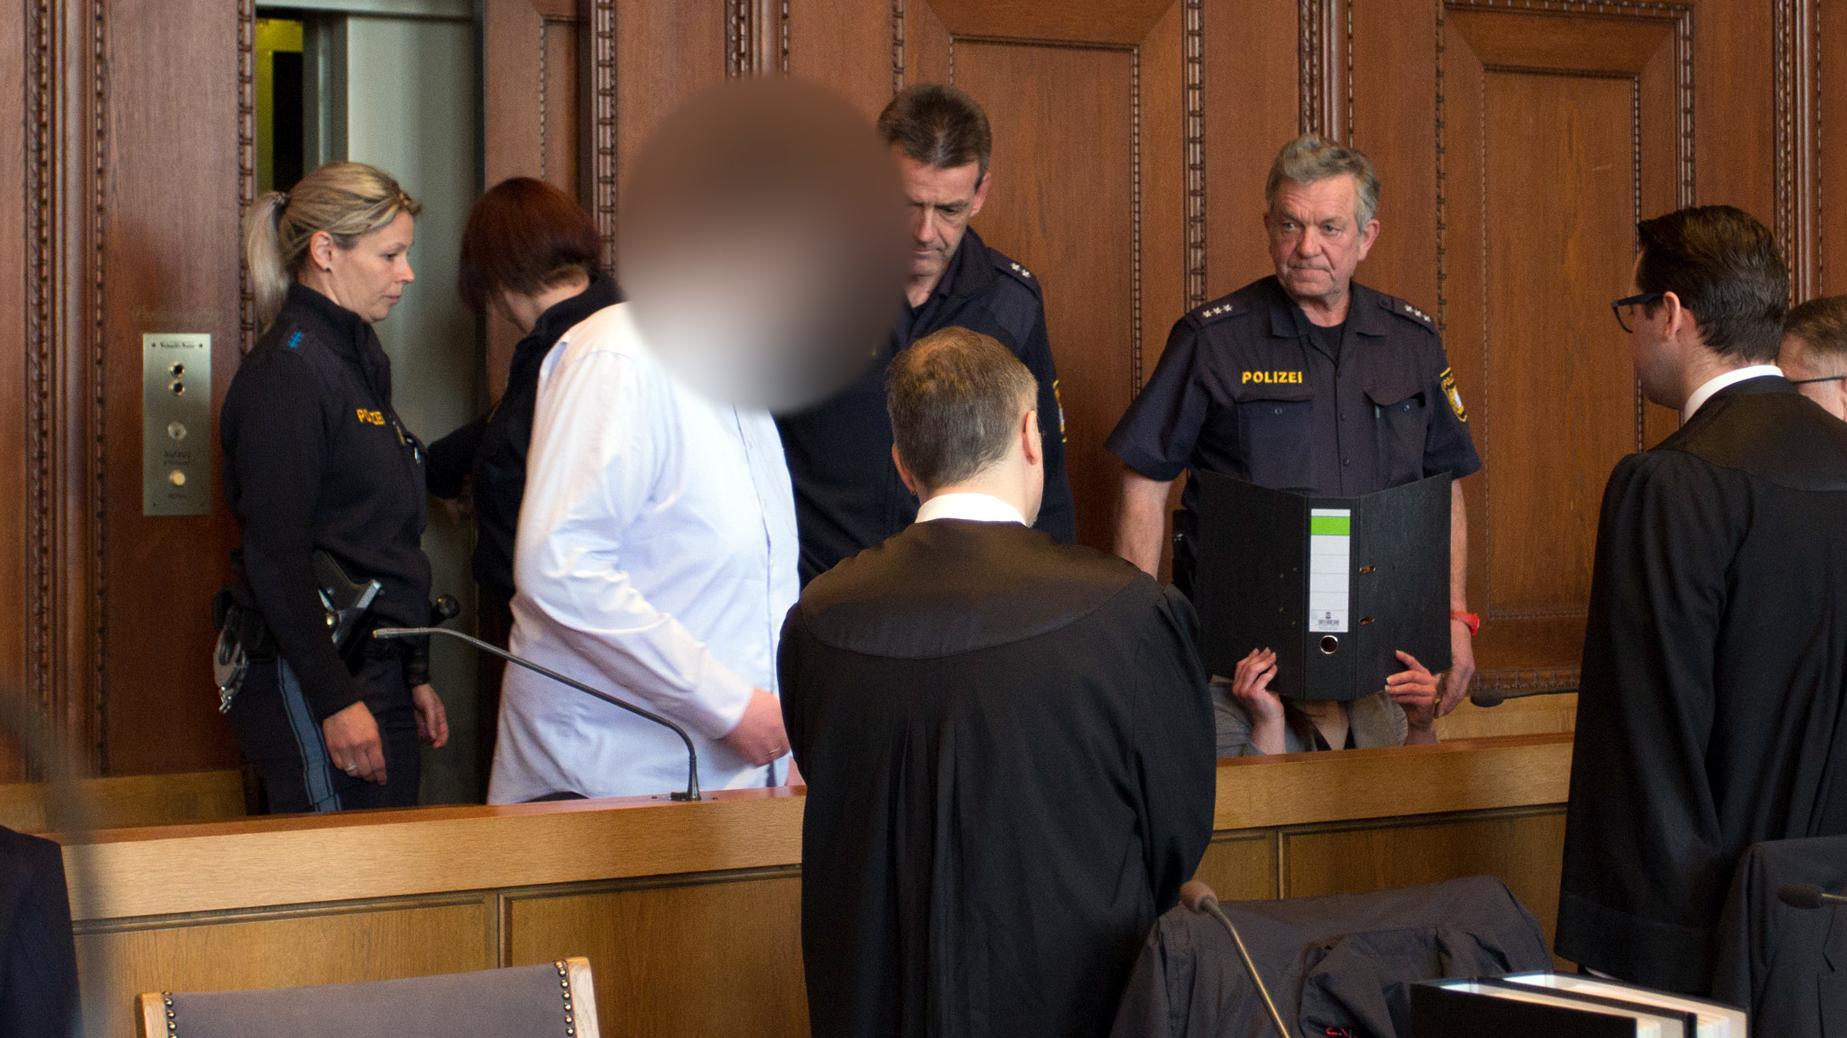 Die beiden Angeklagten im Gerichtssaal